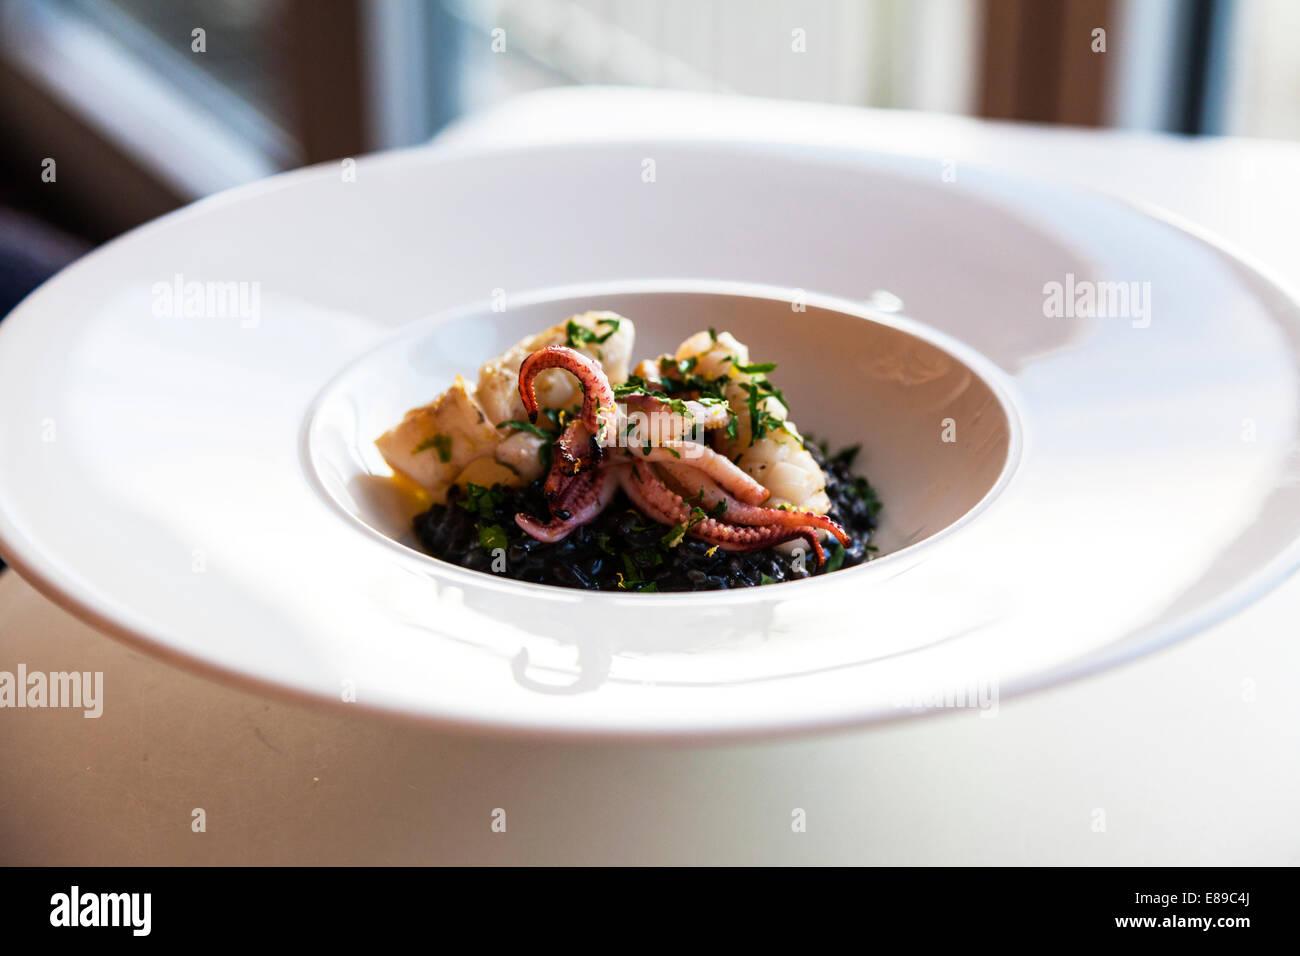 Repas calmars 15 alimentaire Jamie Oliver's Cornwall Cornish typique de pays de l'ouest Photo Stock